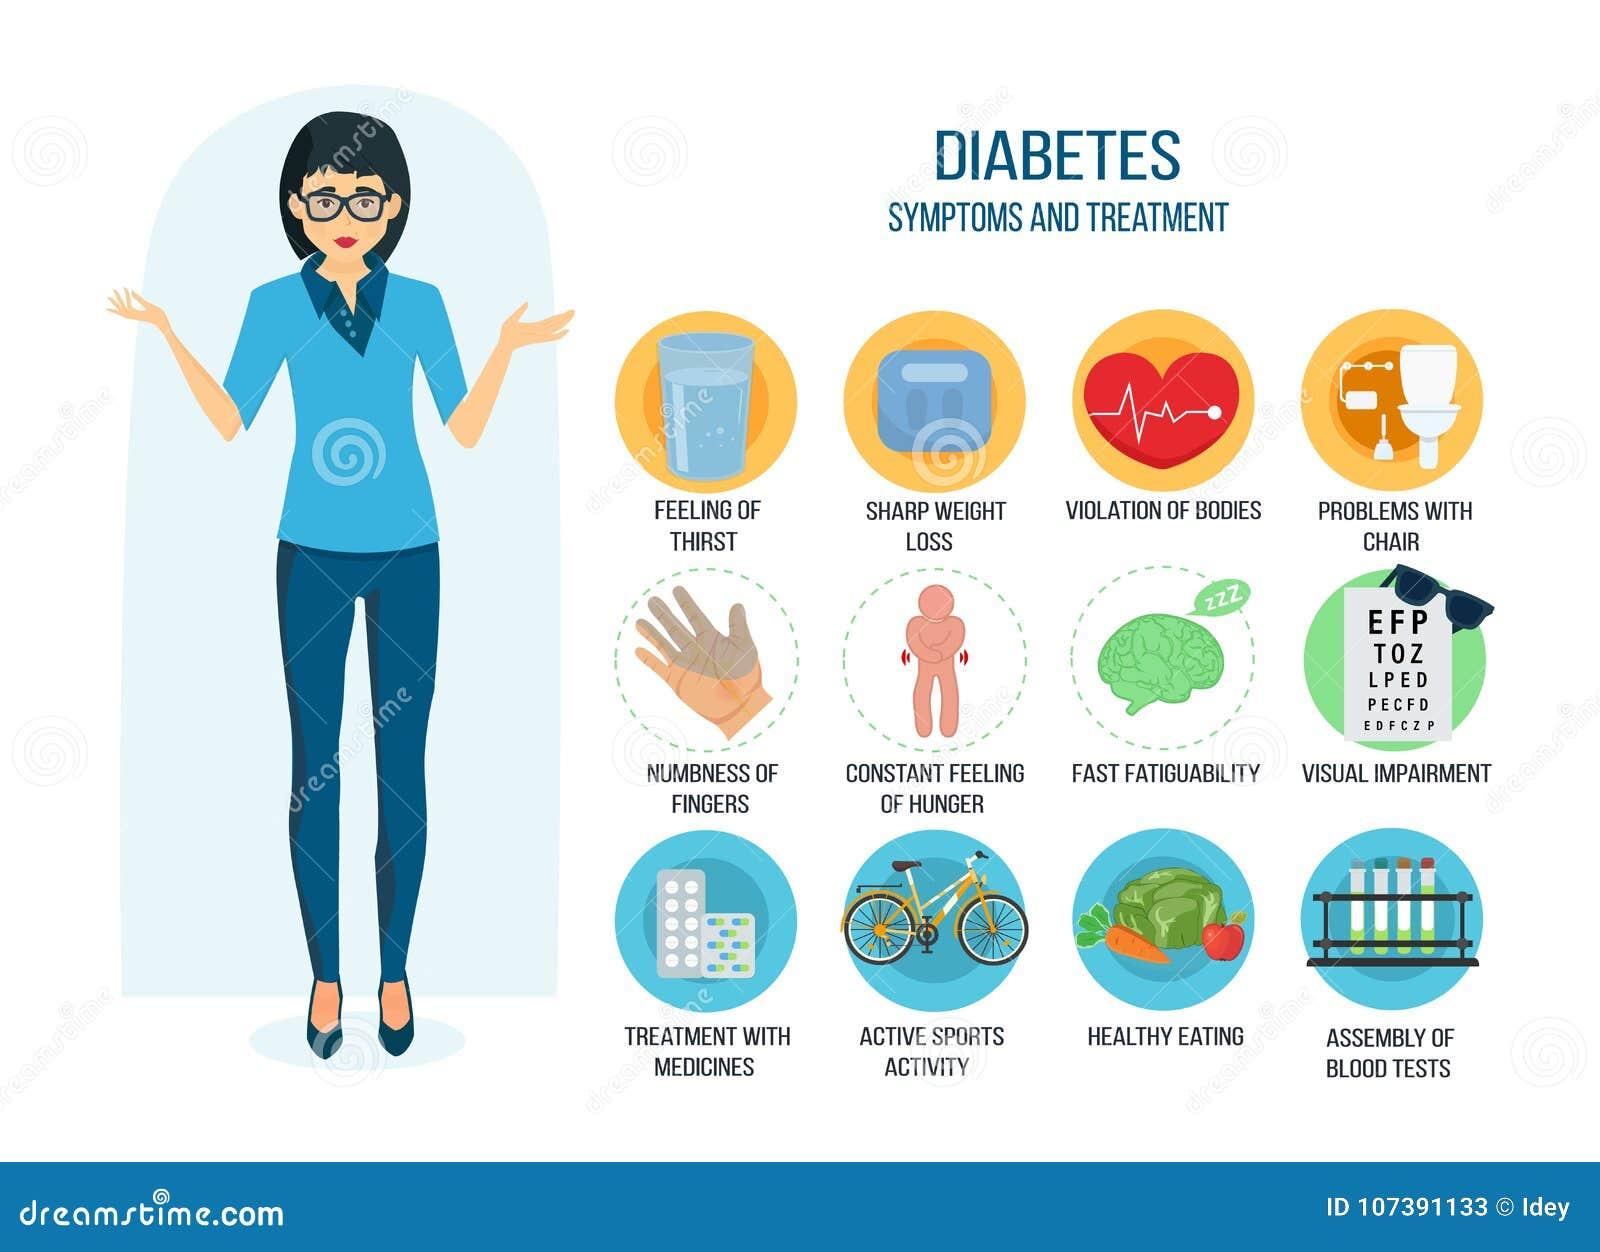 síntomas de diabetes fator de risco